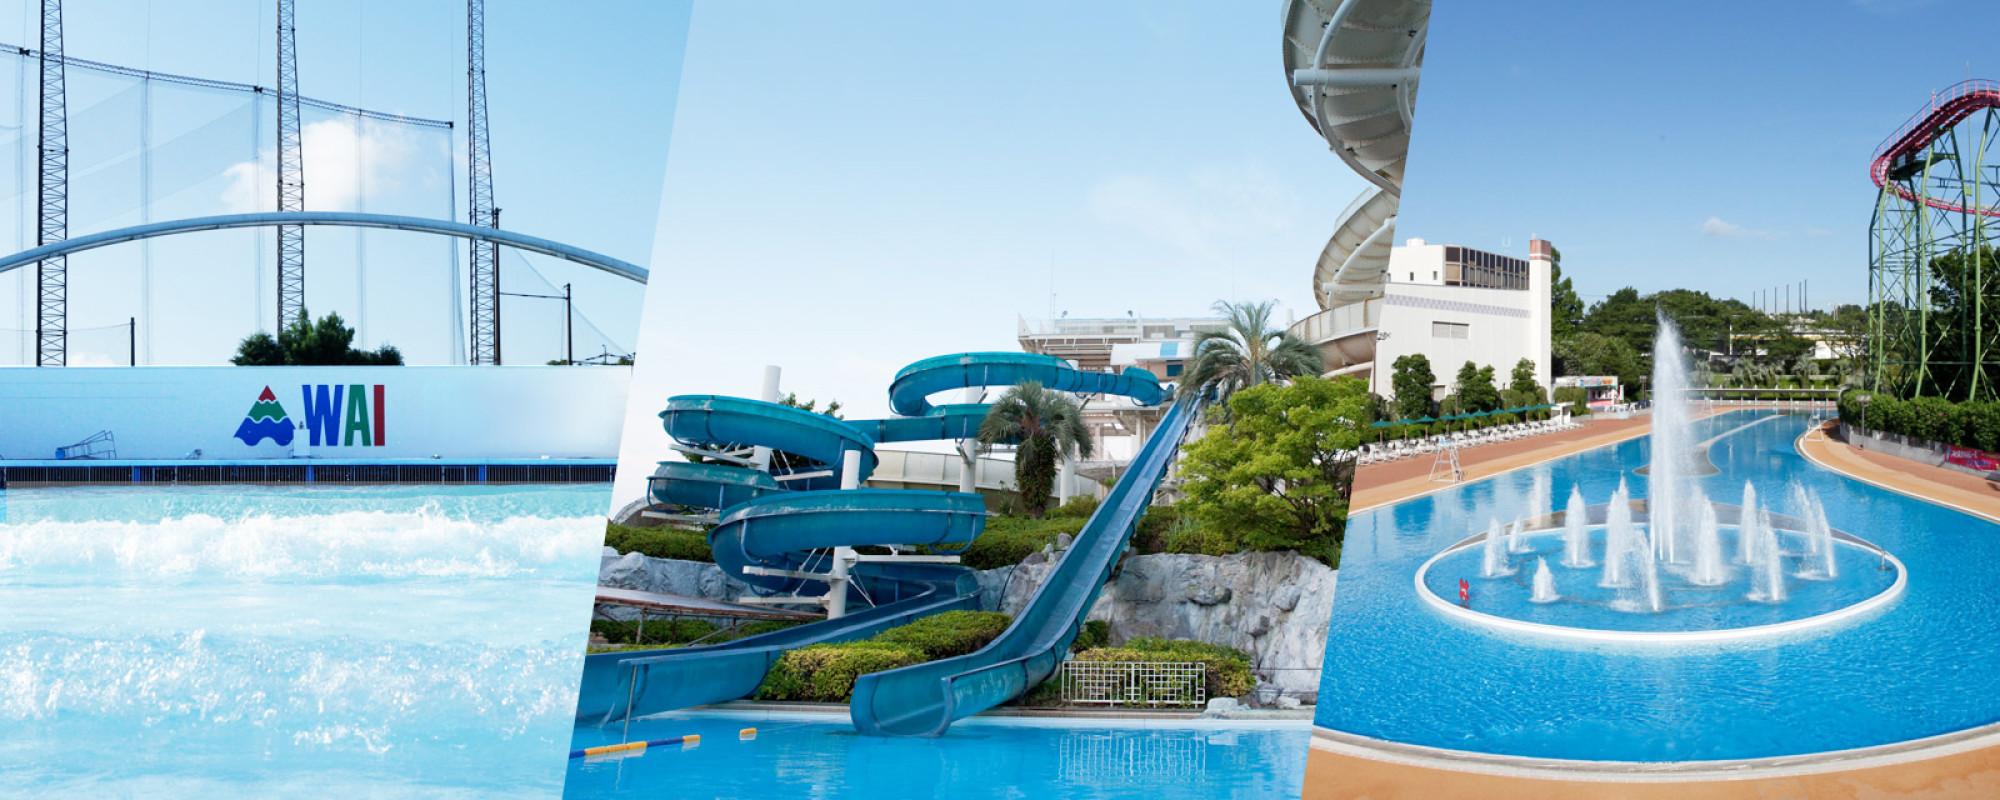 東京のプールと言えば、よみうりランドの「プールWAI」